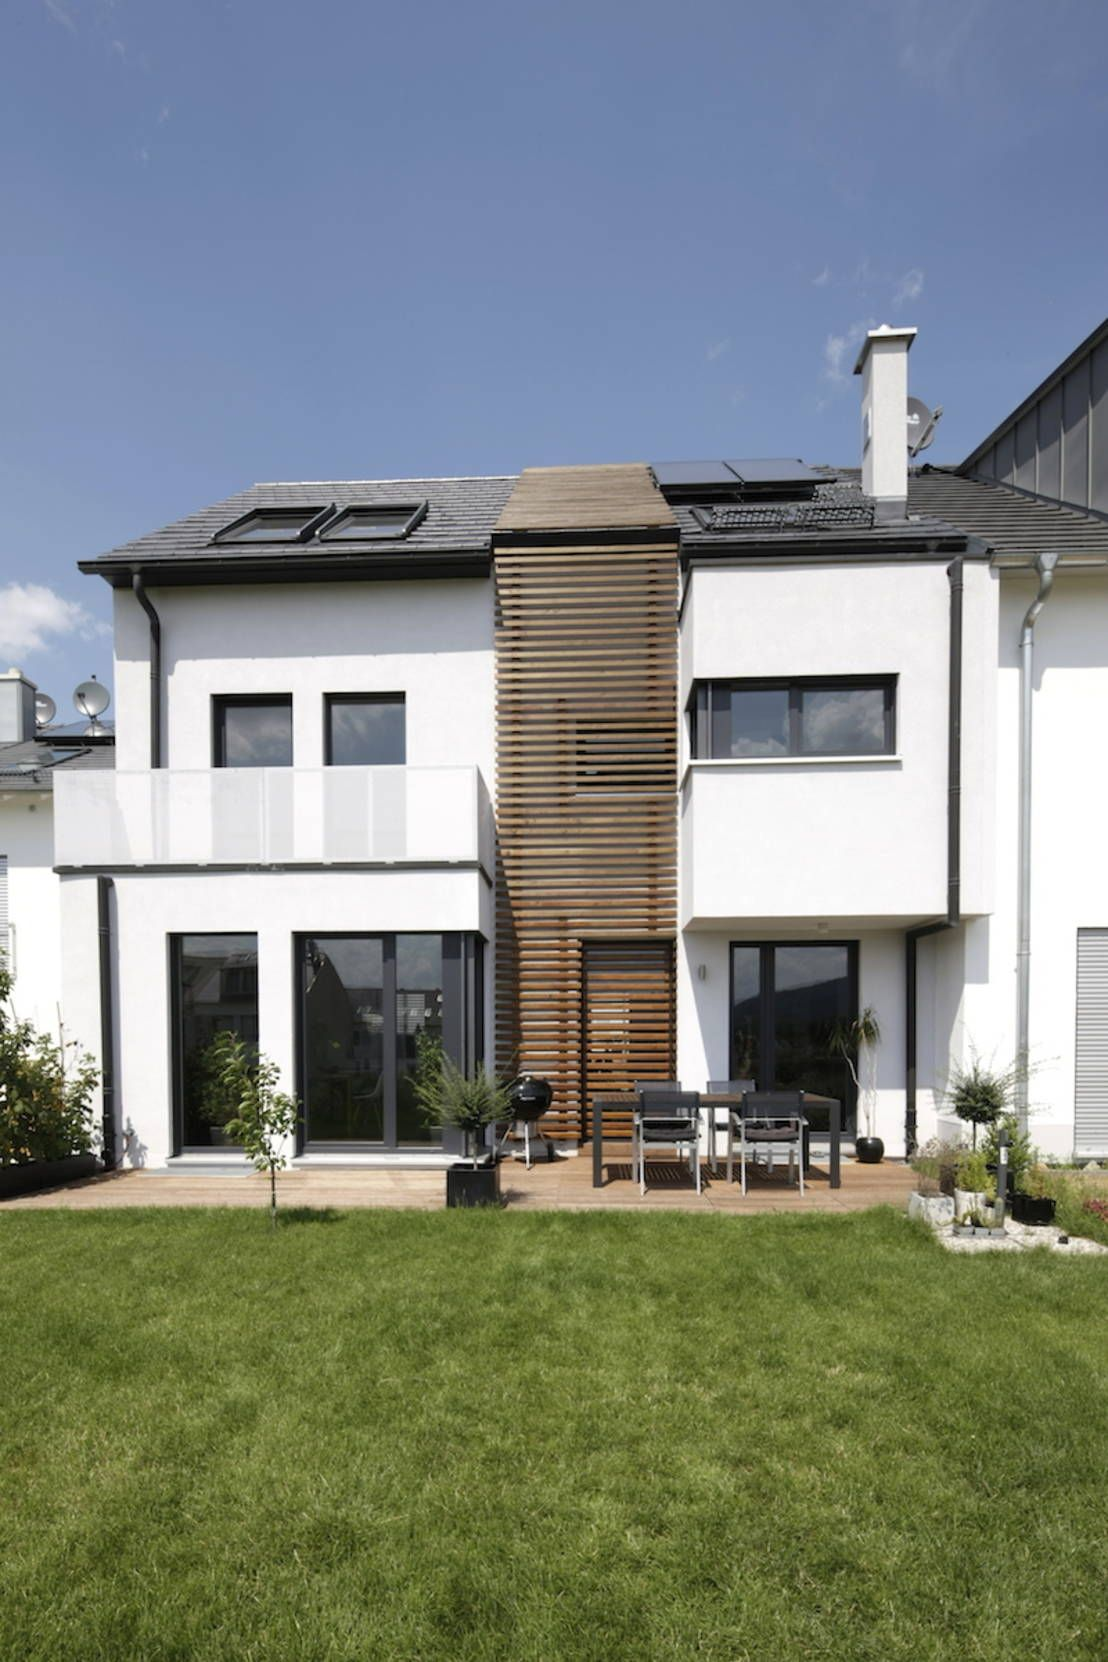 Ein reihenhaus beweist charakter besser sch ner neu for Minimalistisches haus grundriss